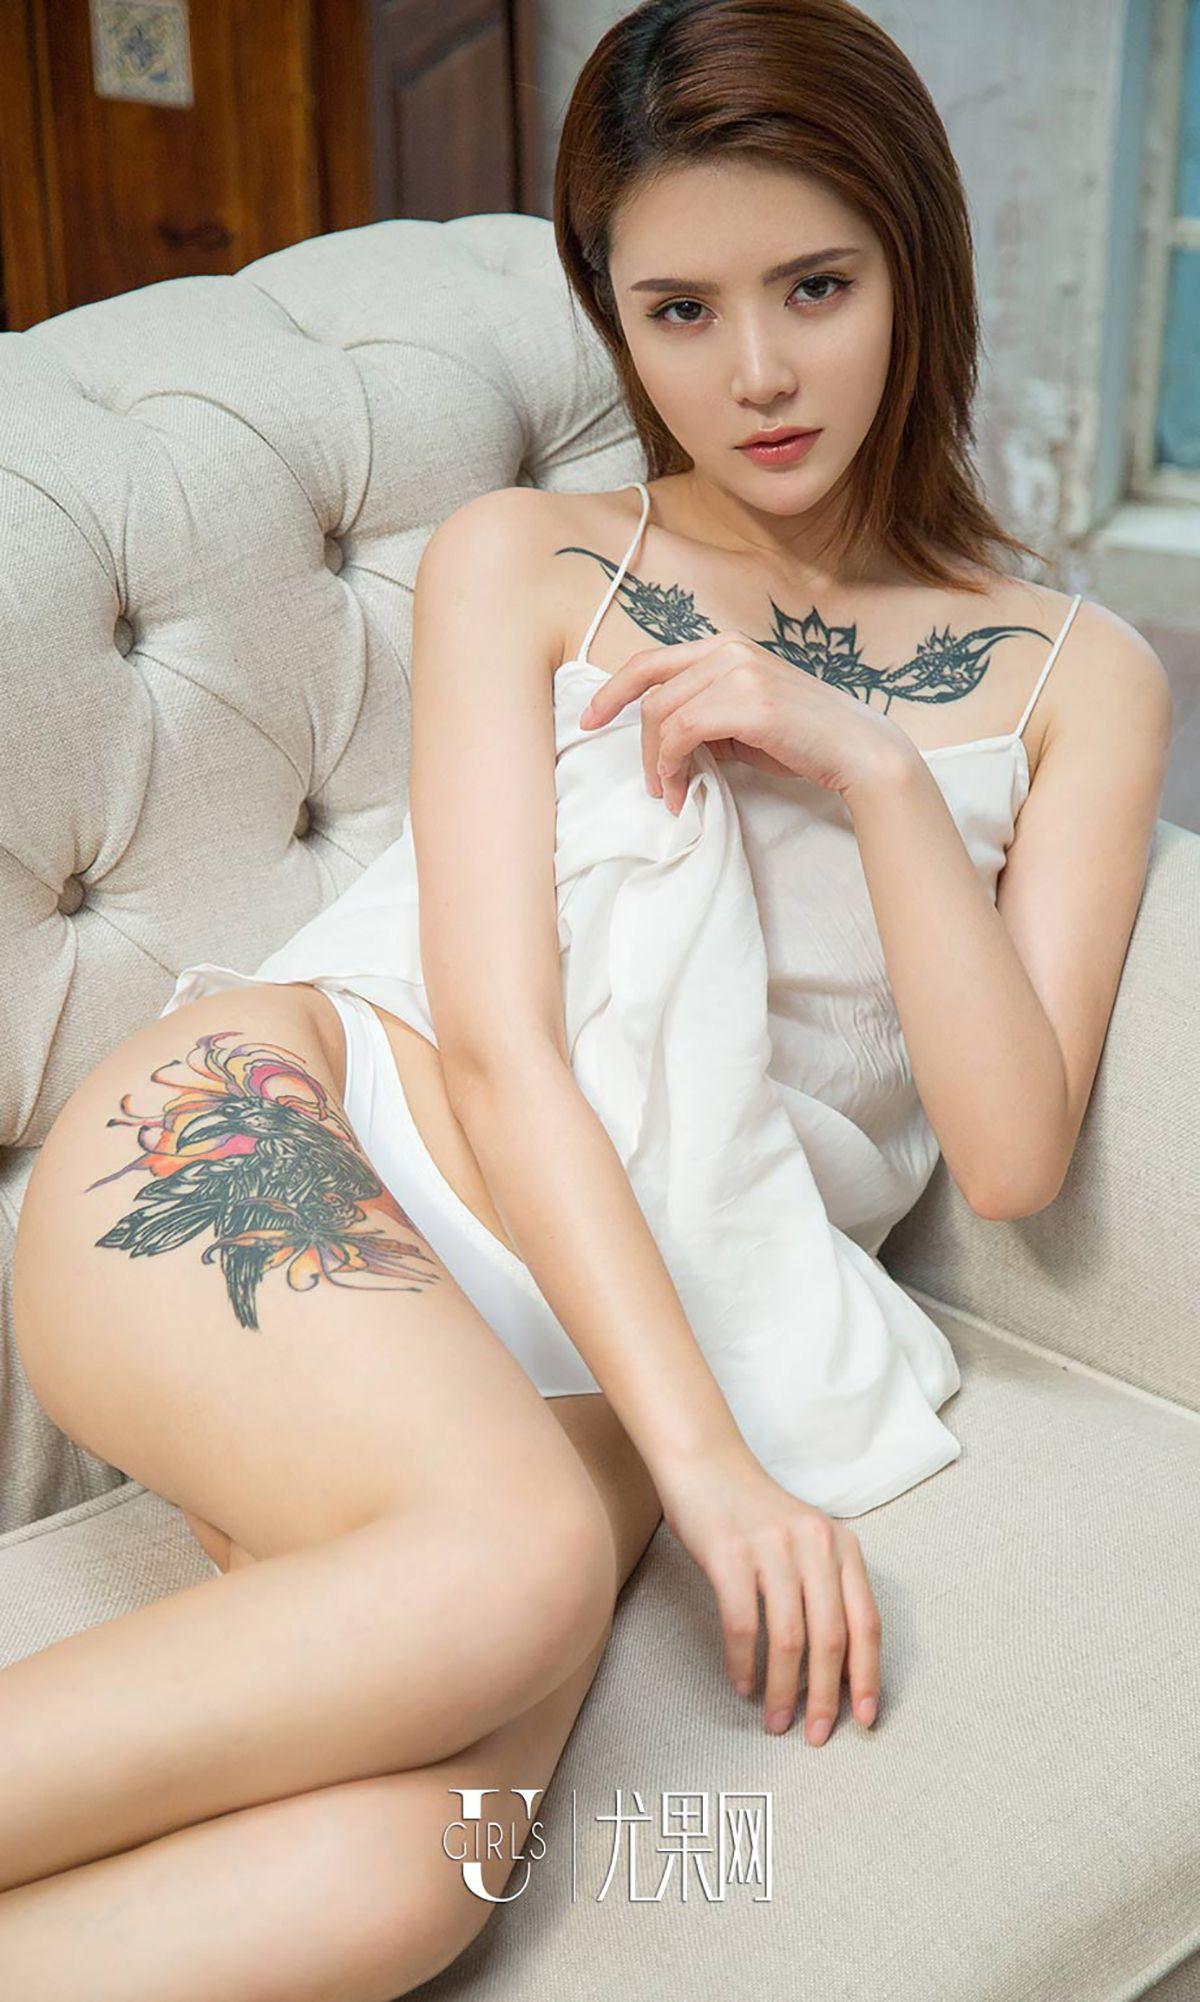 尤娜娜 - 娜么性感 写真图片